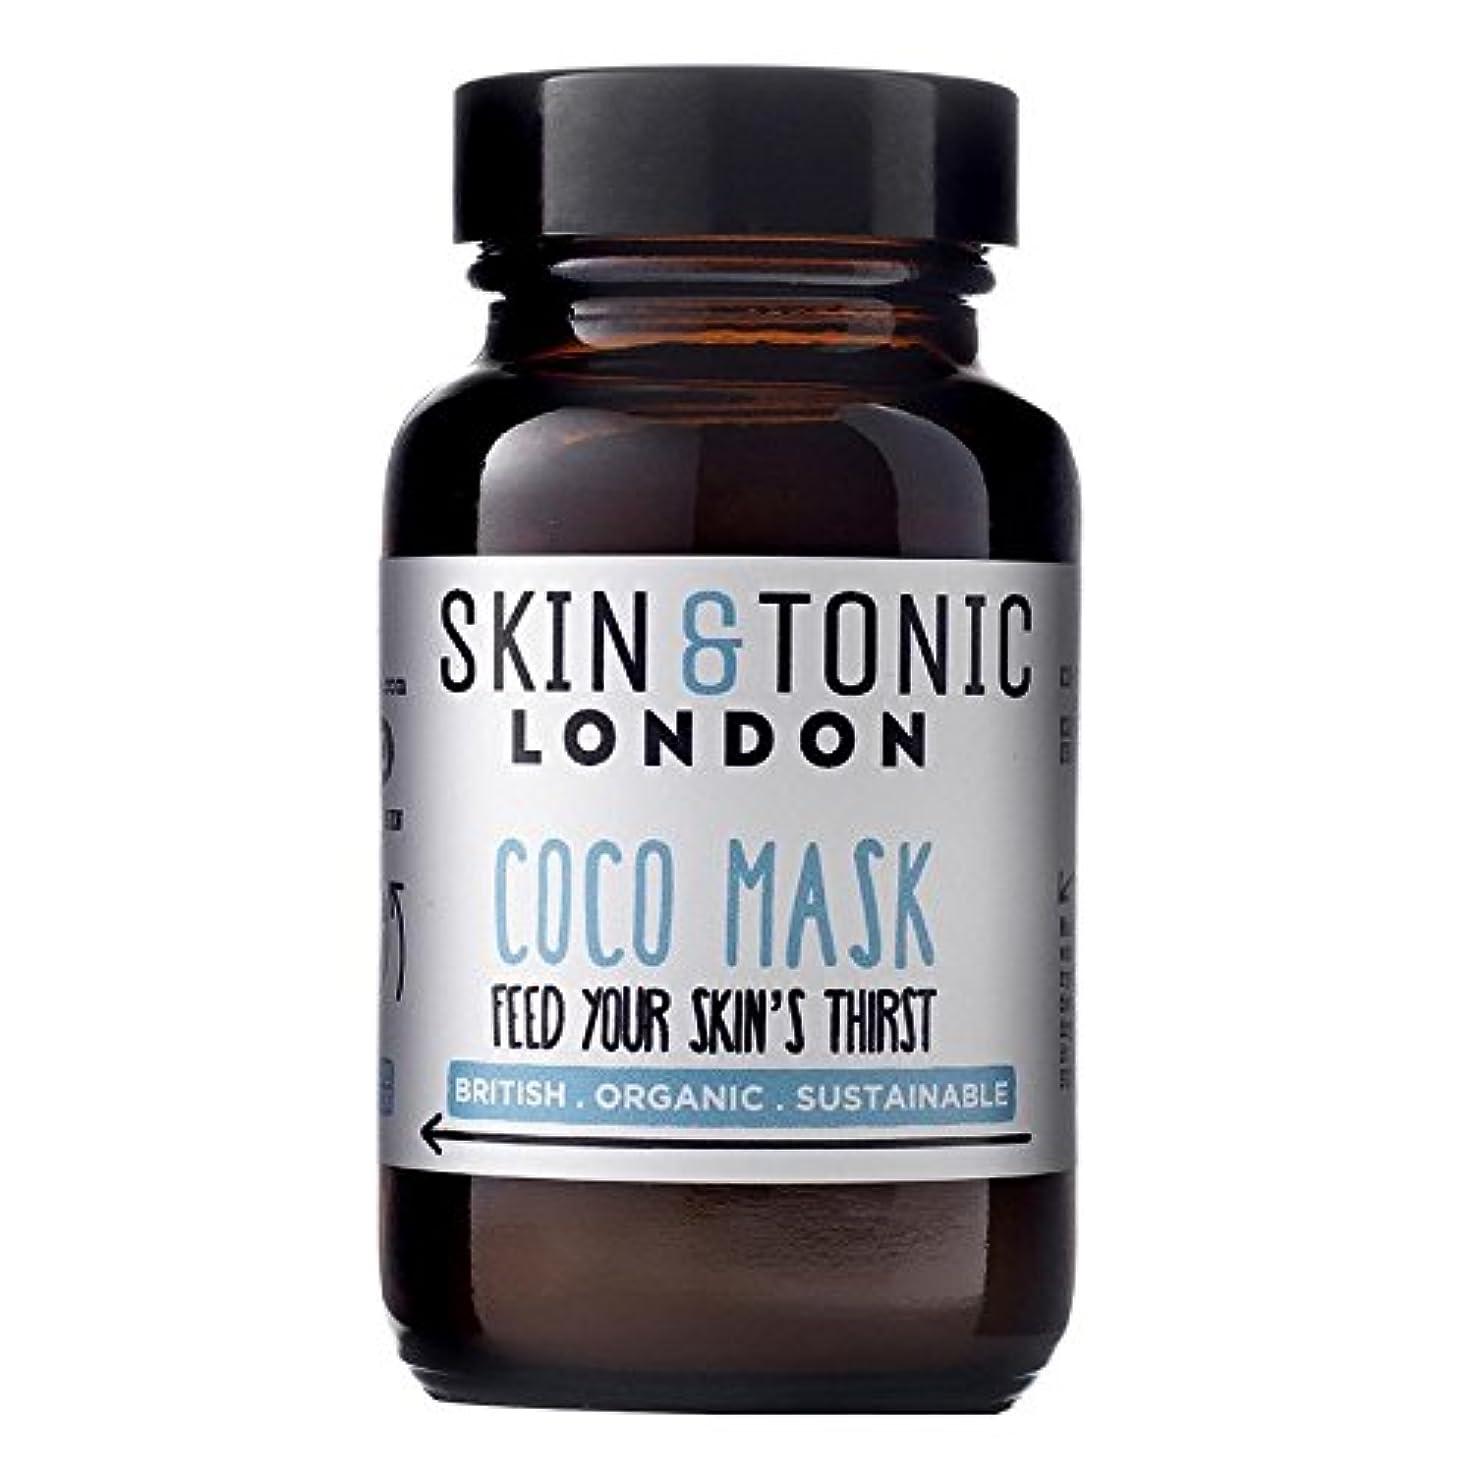 テレマコス座るあからさまスキン&トニックロンドンココマスク50グラム x4 - Skin & Tonic London Coco Mask 50g (Pack of 4) [並行輸入品]